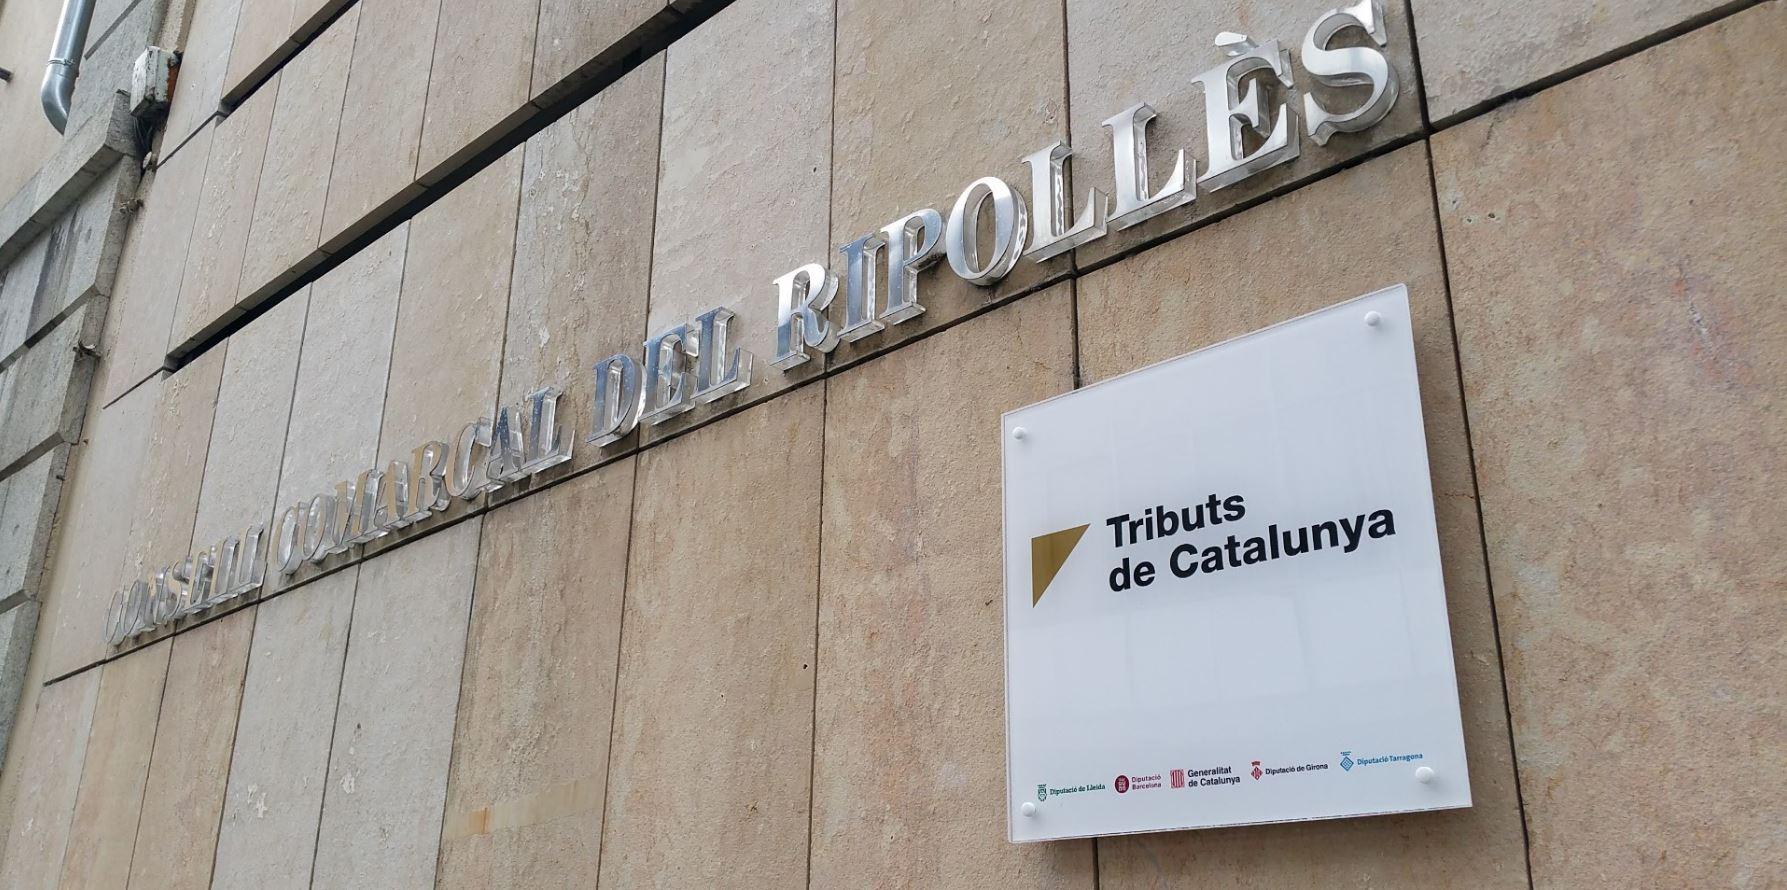 ATC Tributs de Catalunya Ripollès